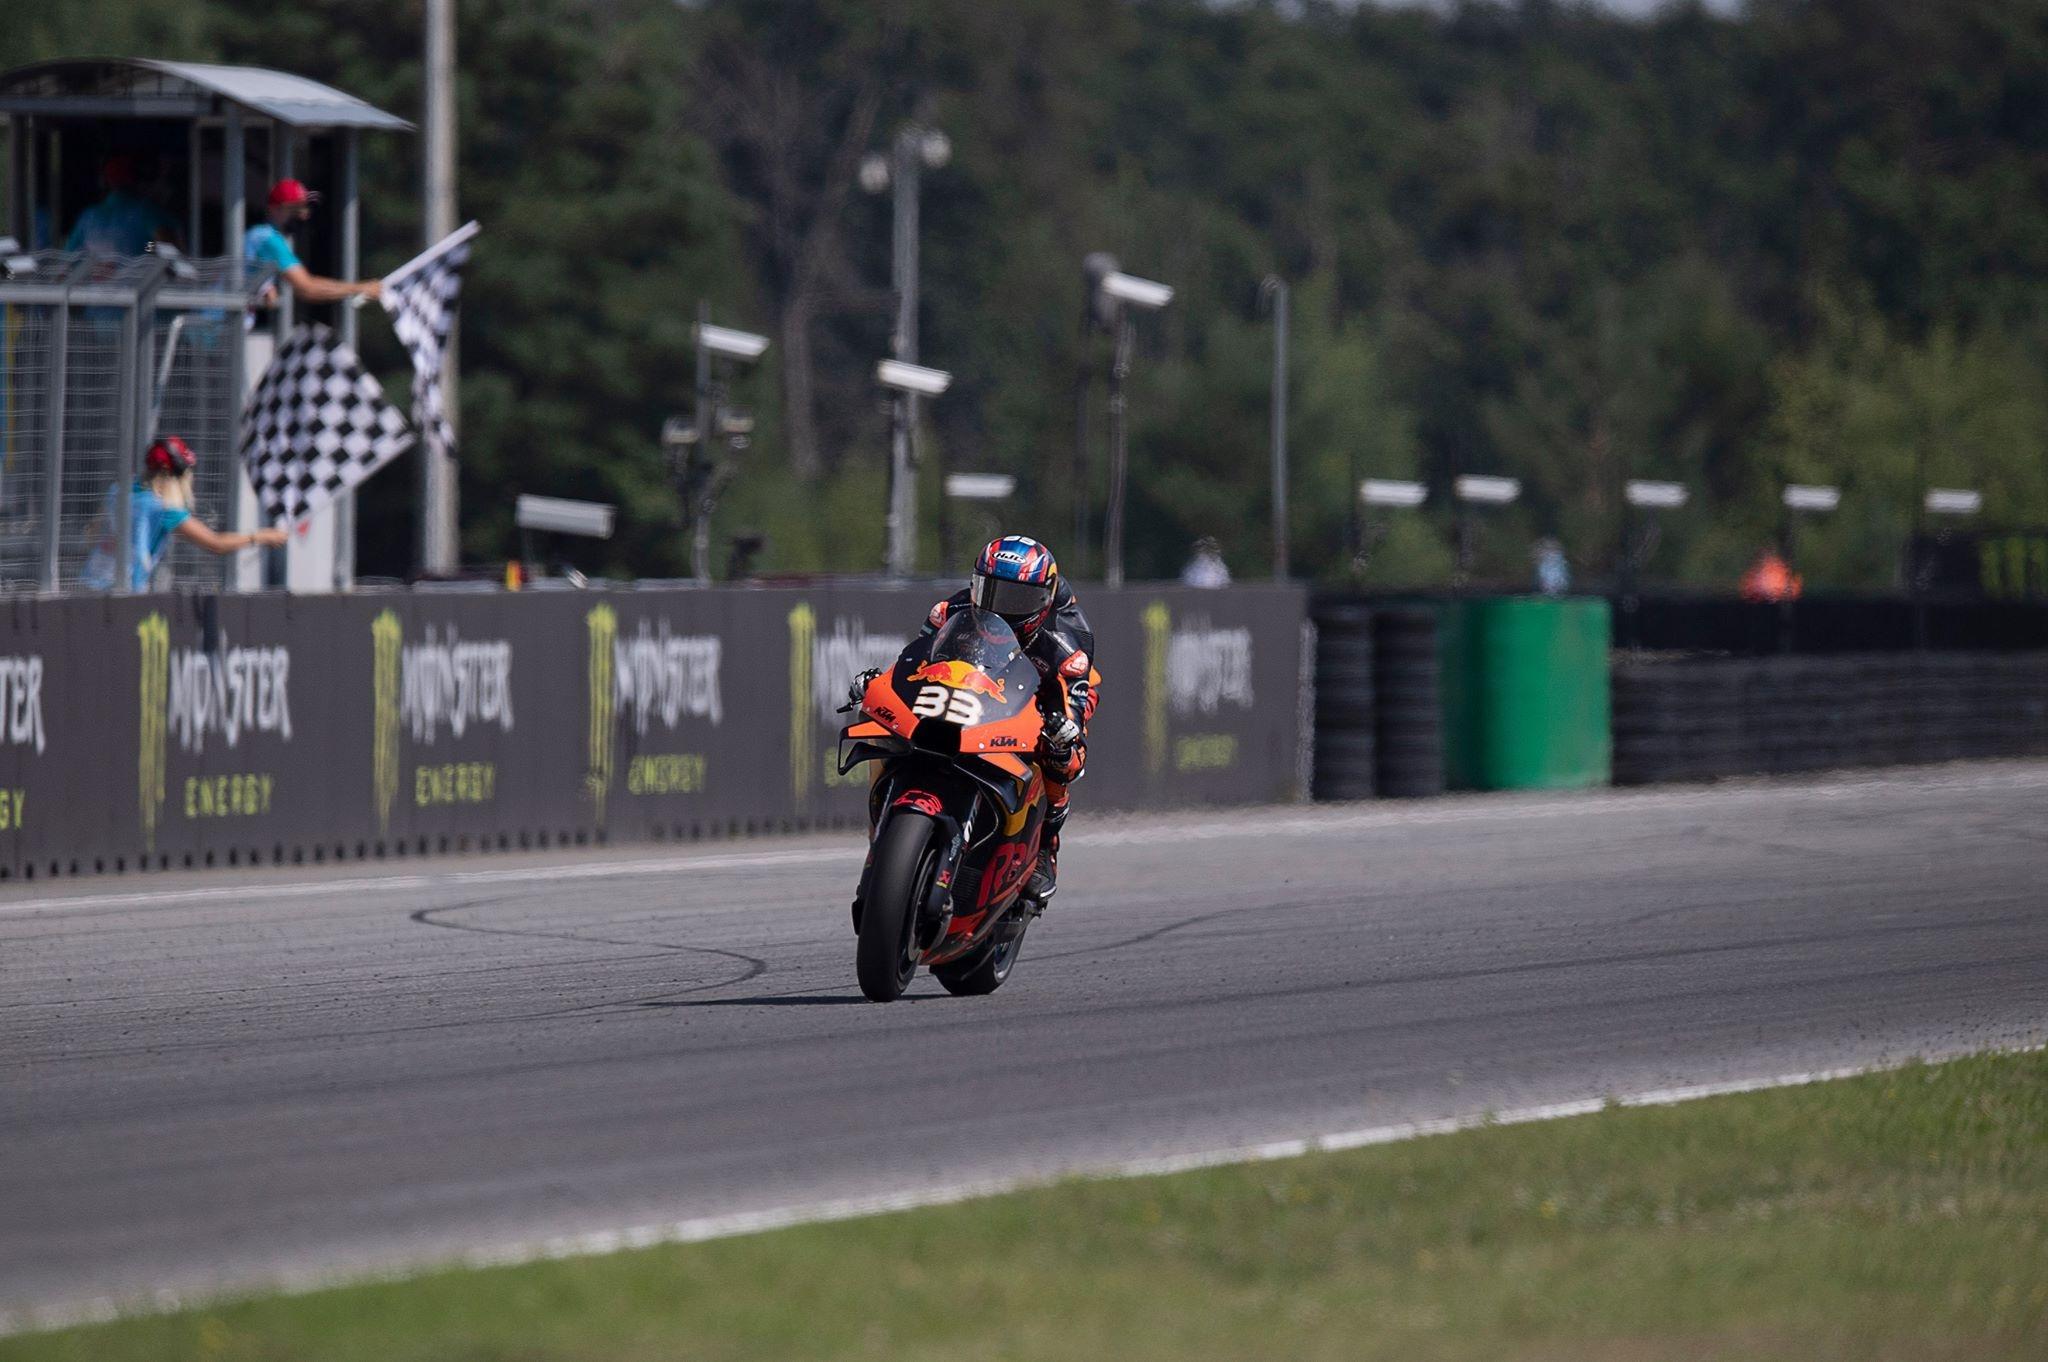 Световният шампионат по мотоциклетизъм ще завърши сезон 2020 в Португалия,